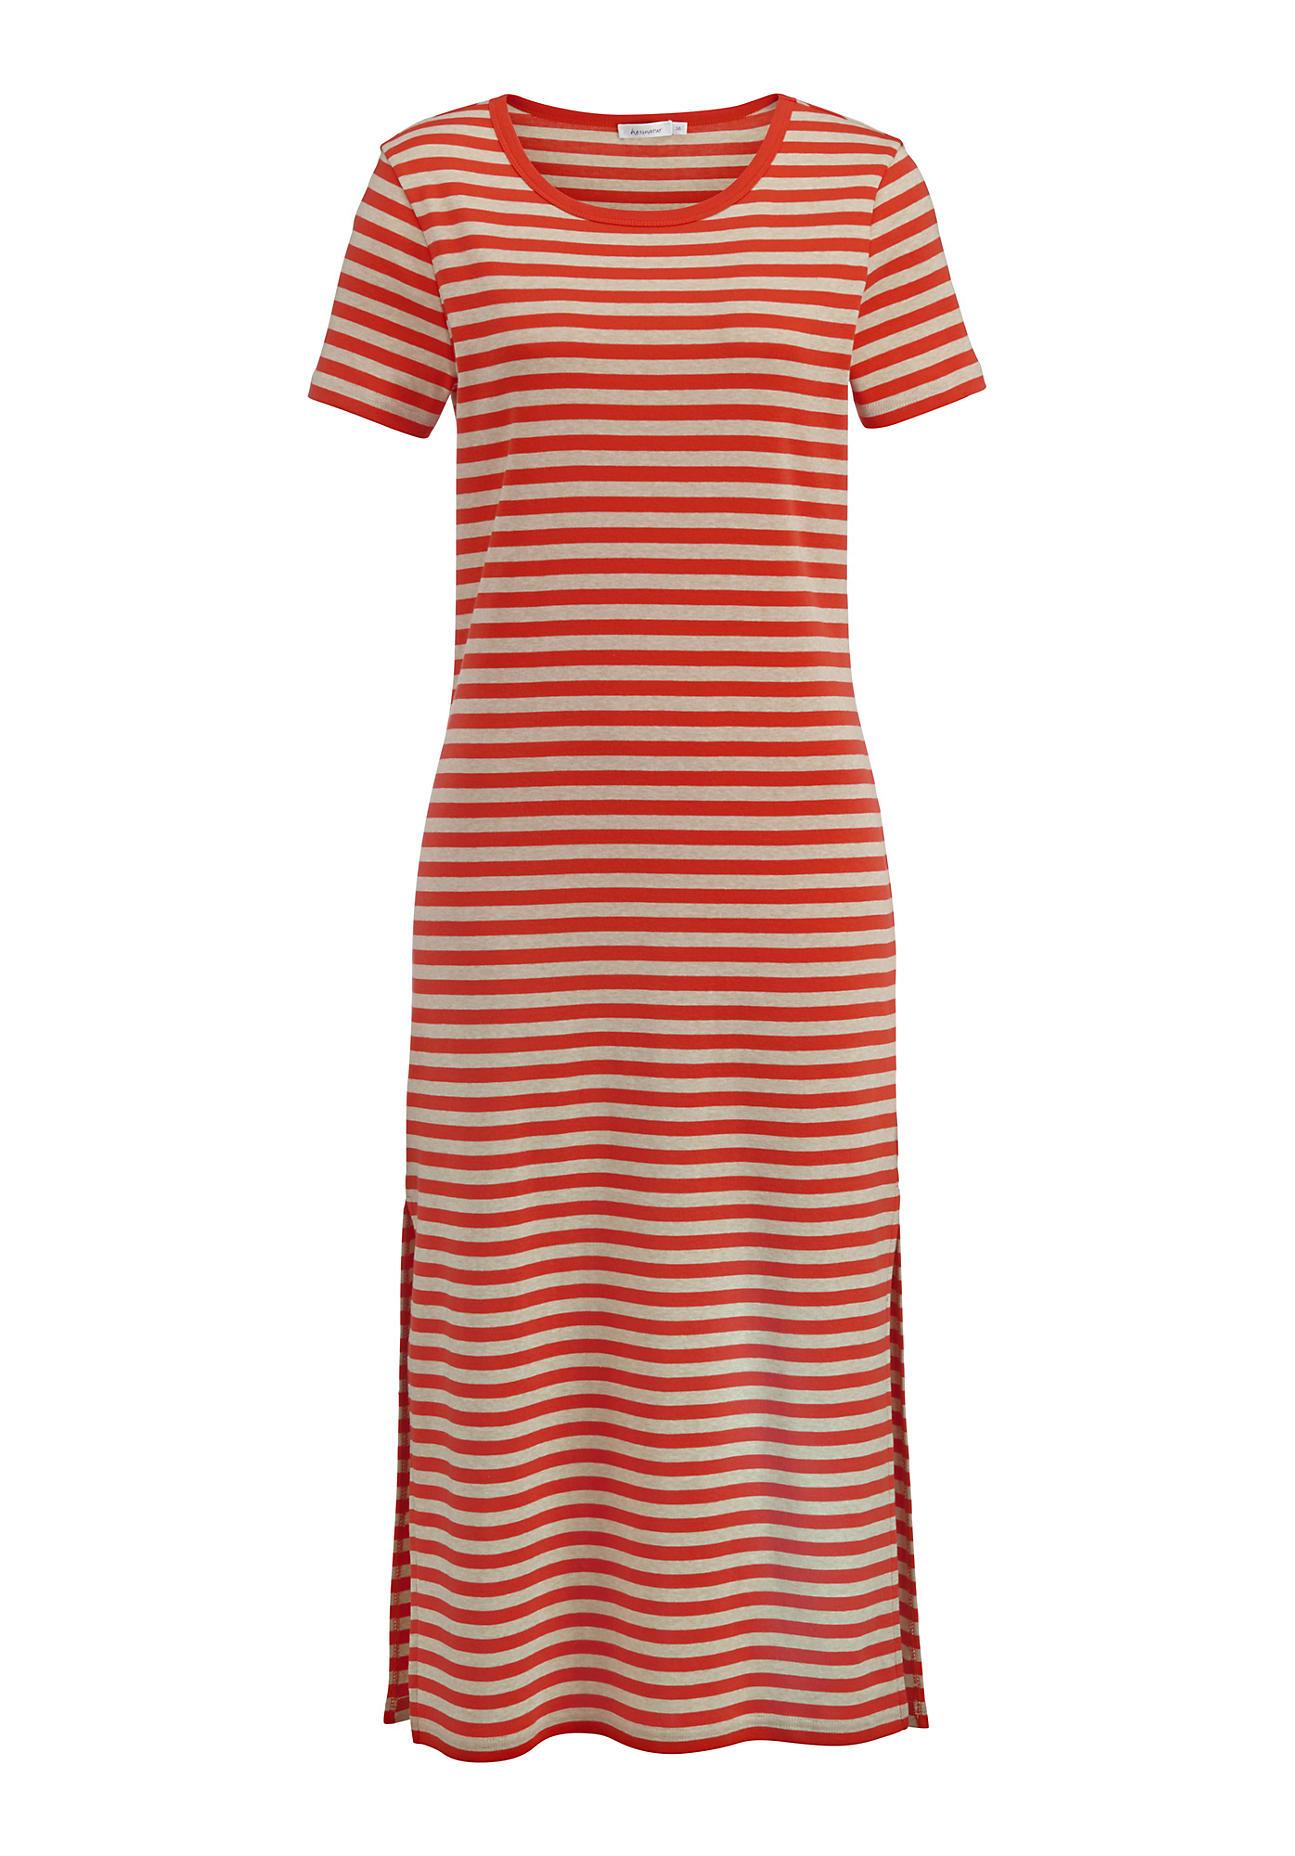 hessnatur Damen Ringelkleid aus Bio-Baumwolle – rot – Größe 36